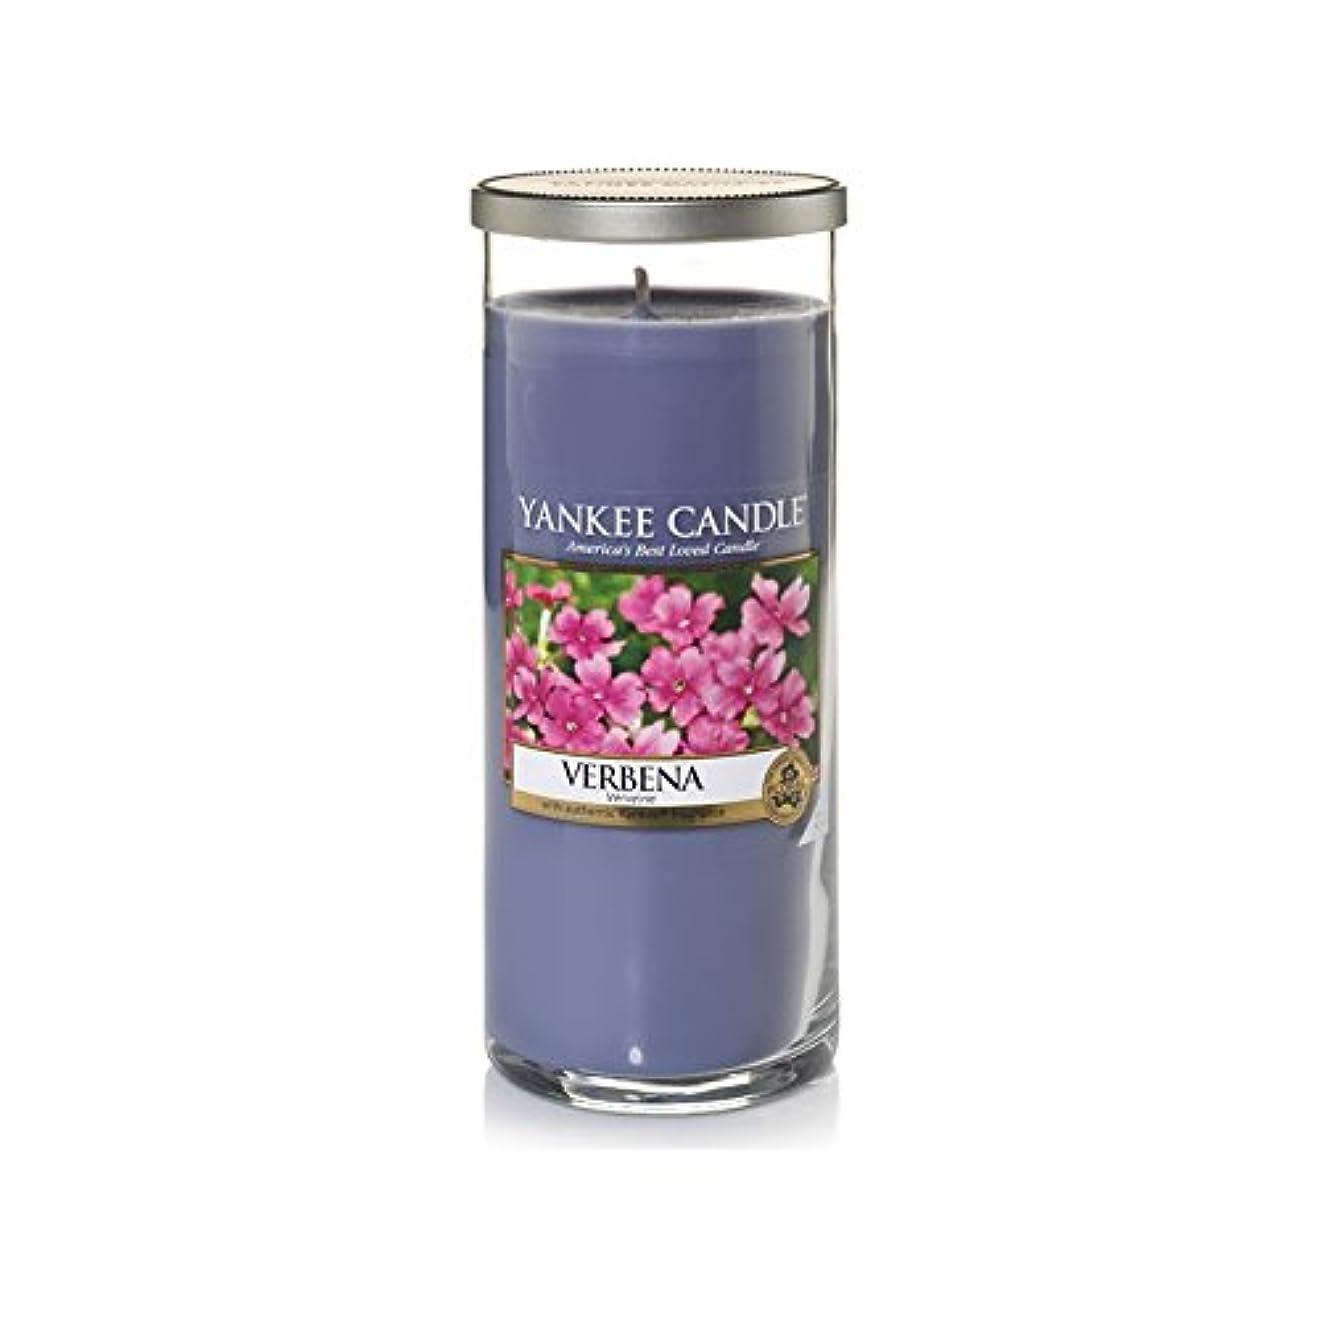 道路化学薬品抵抗するヤンキーキャンドル大きな柱キャンドル - バーベナ - Yankee Candles Large Pillar Candle - Verbena (Yankee Candles) [並行輸入品]